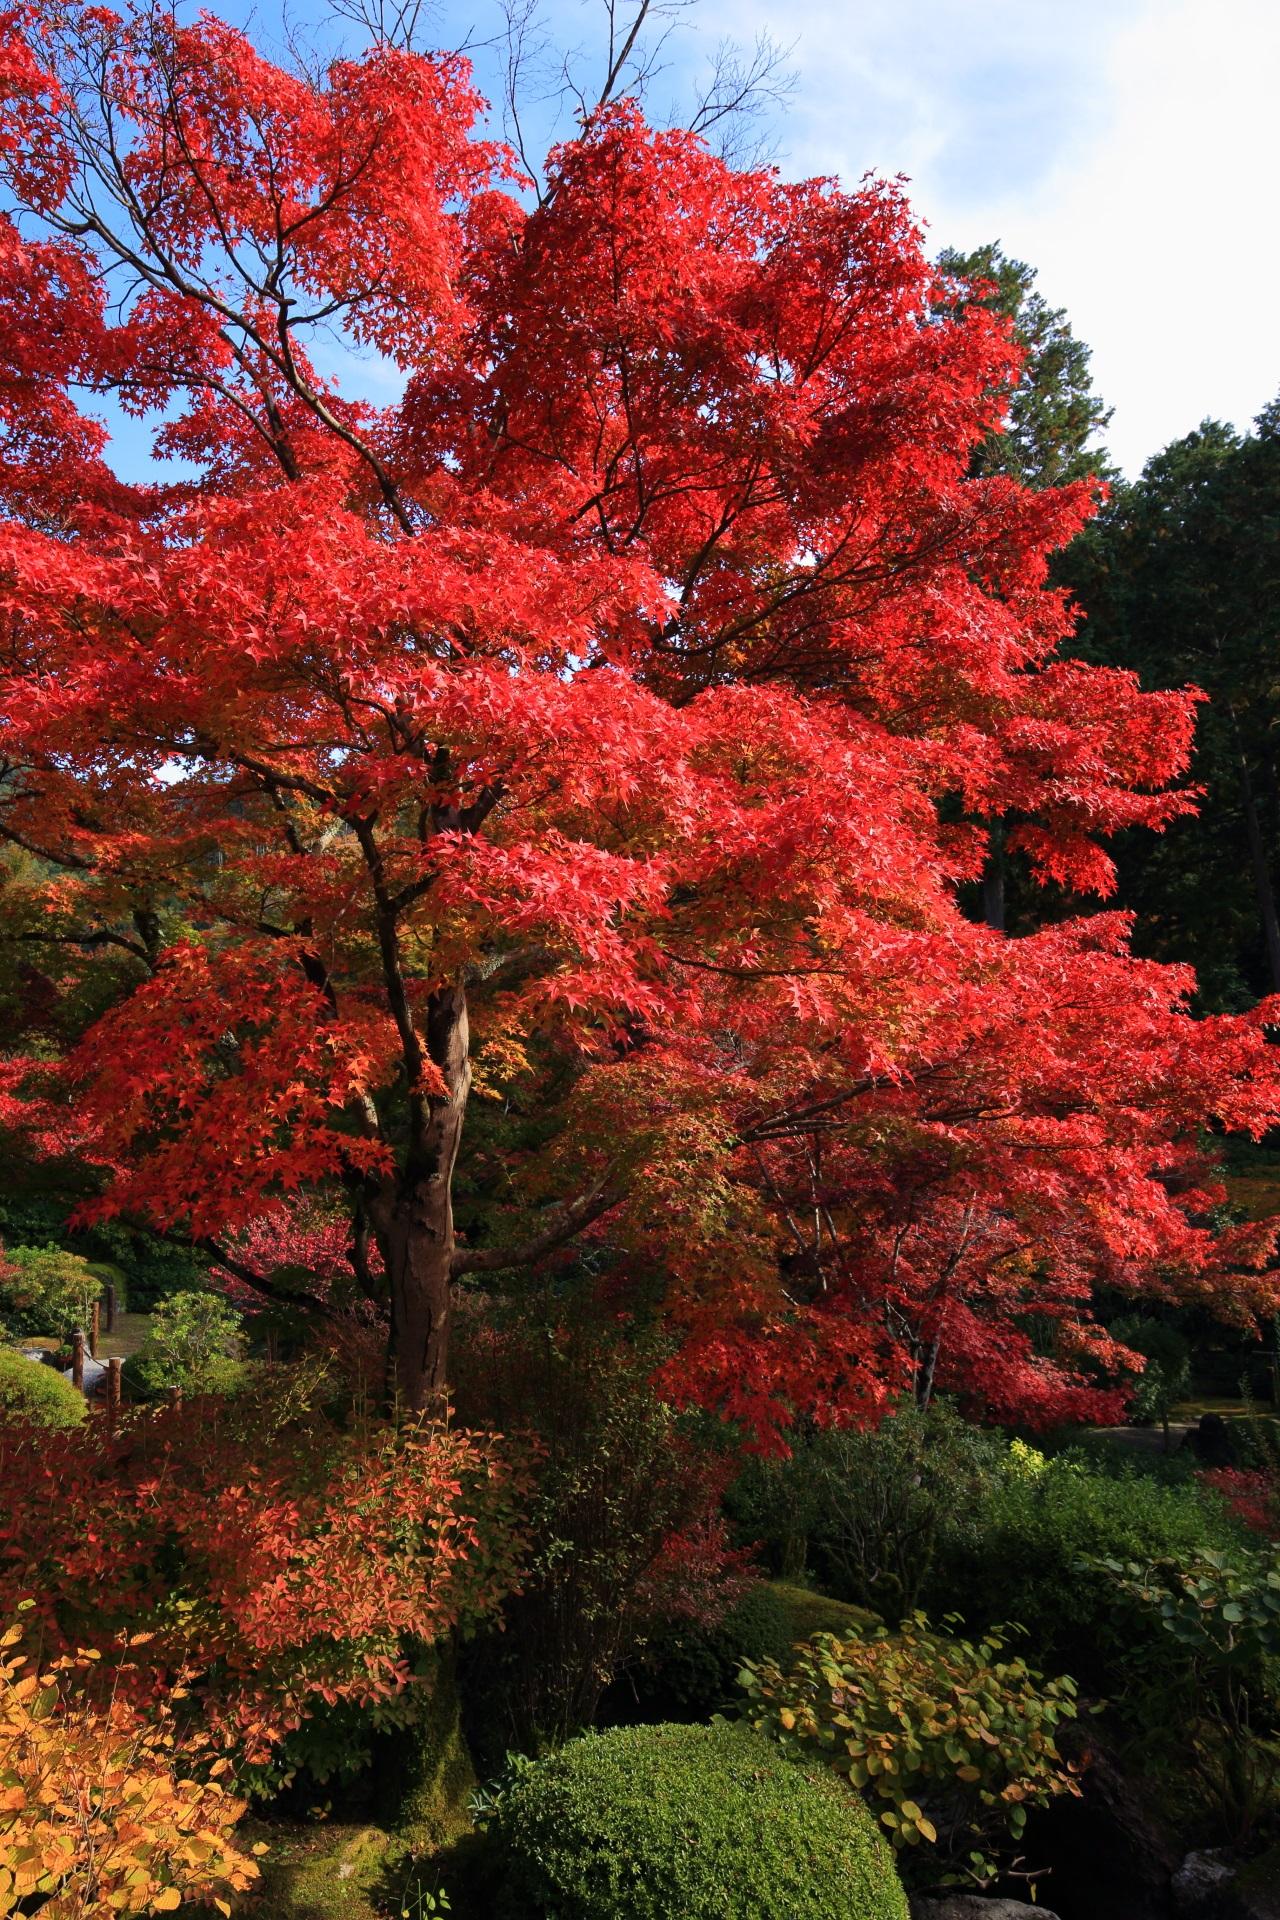 三室戸寺の池泉式庭園の真っ赤に輝く紅葉